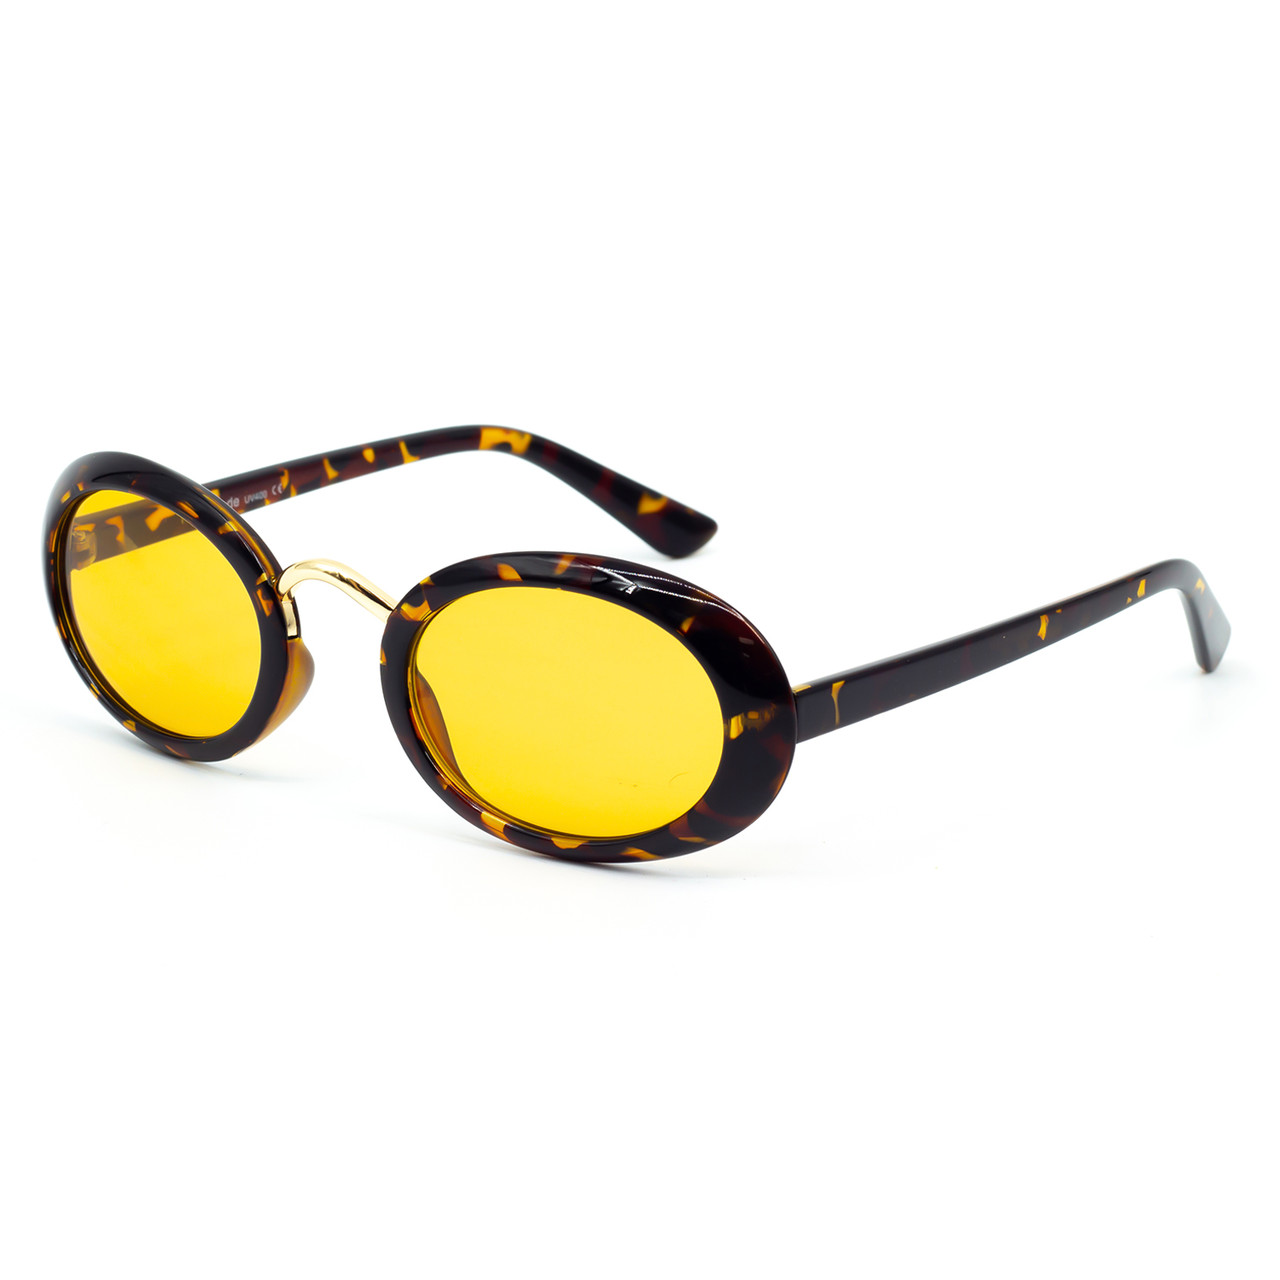 Солнцезащитные очки Marmilen 95114 C2 леопардовые     ( 95114-02 )